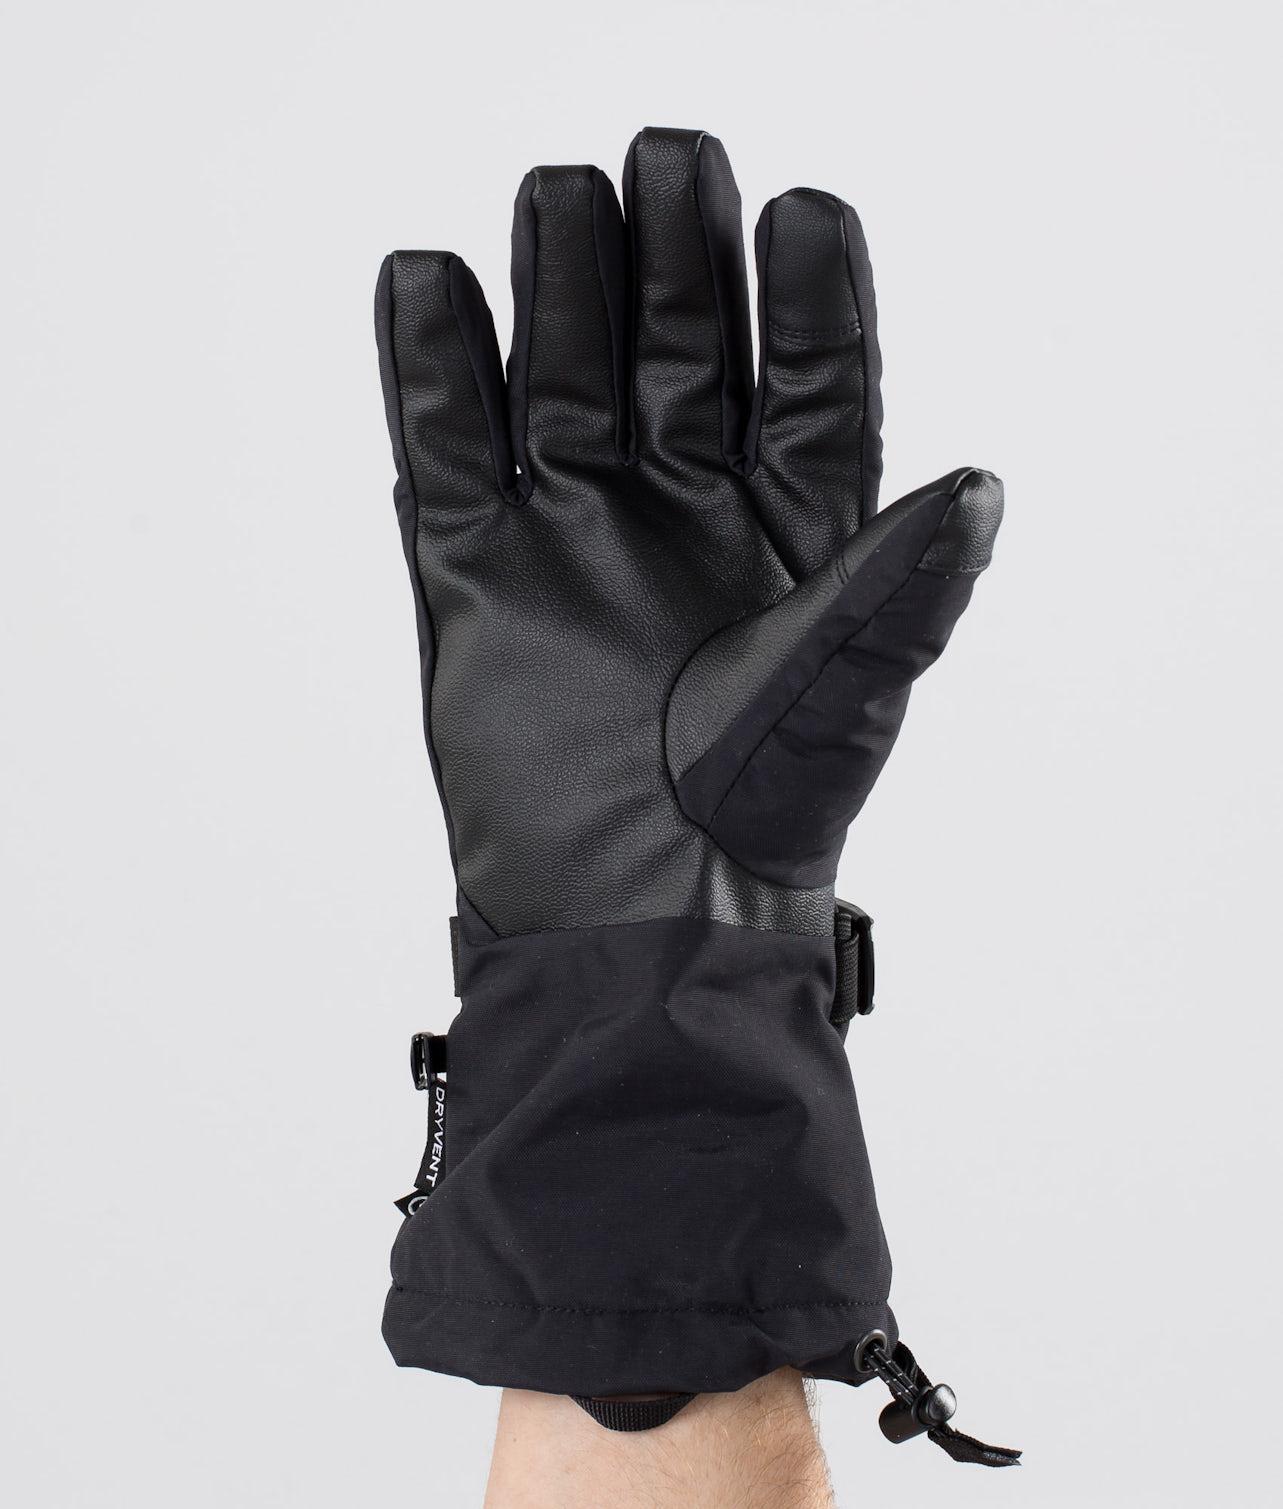 Kjøp Rvlstoke Etip Skihansker fra The North Face på Ridestore.no - Hos oss har du alltid fri frakt, fri retur og 30 dagers åpent kjøp!